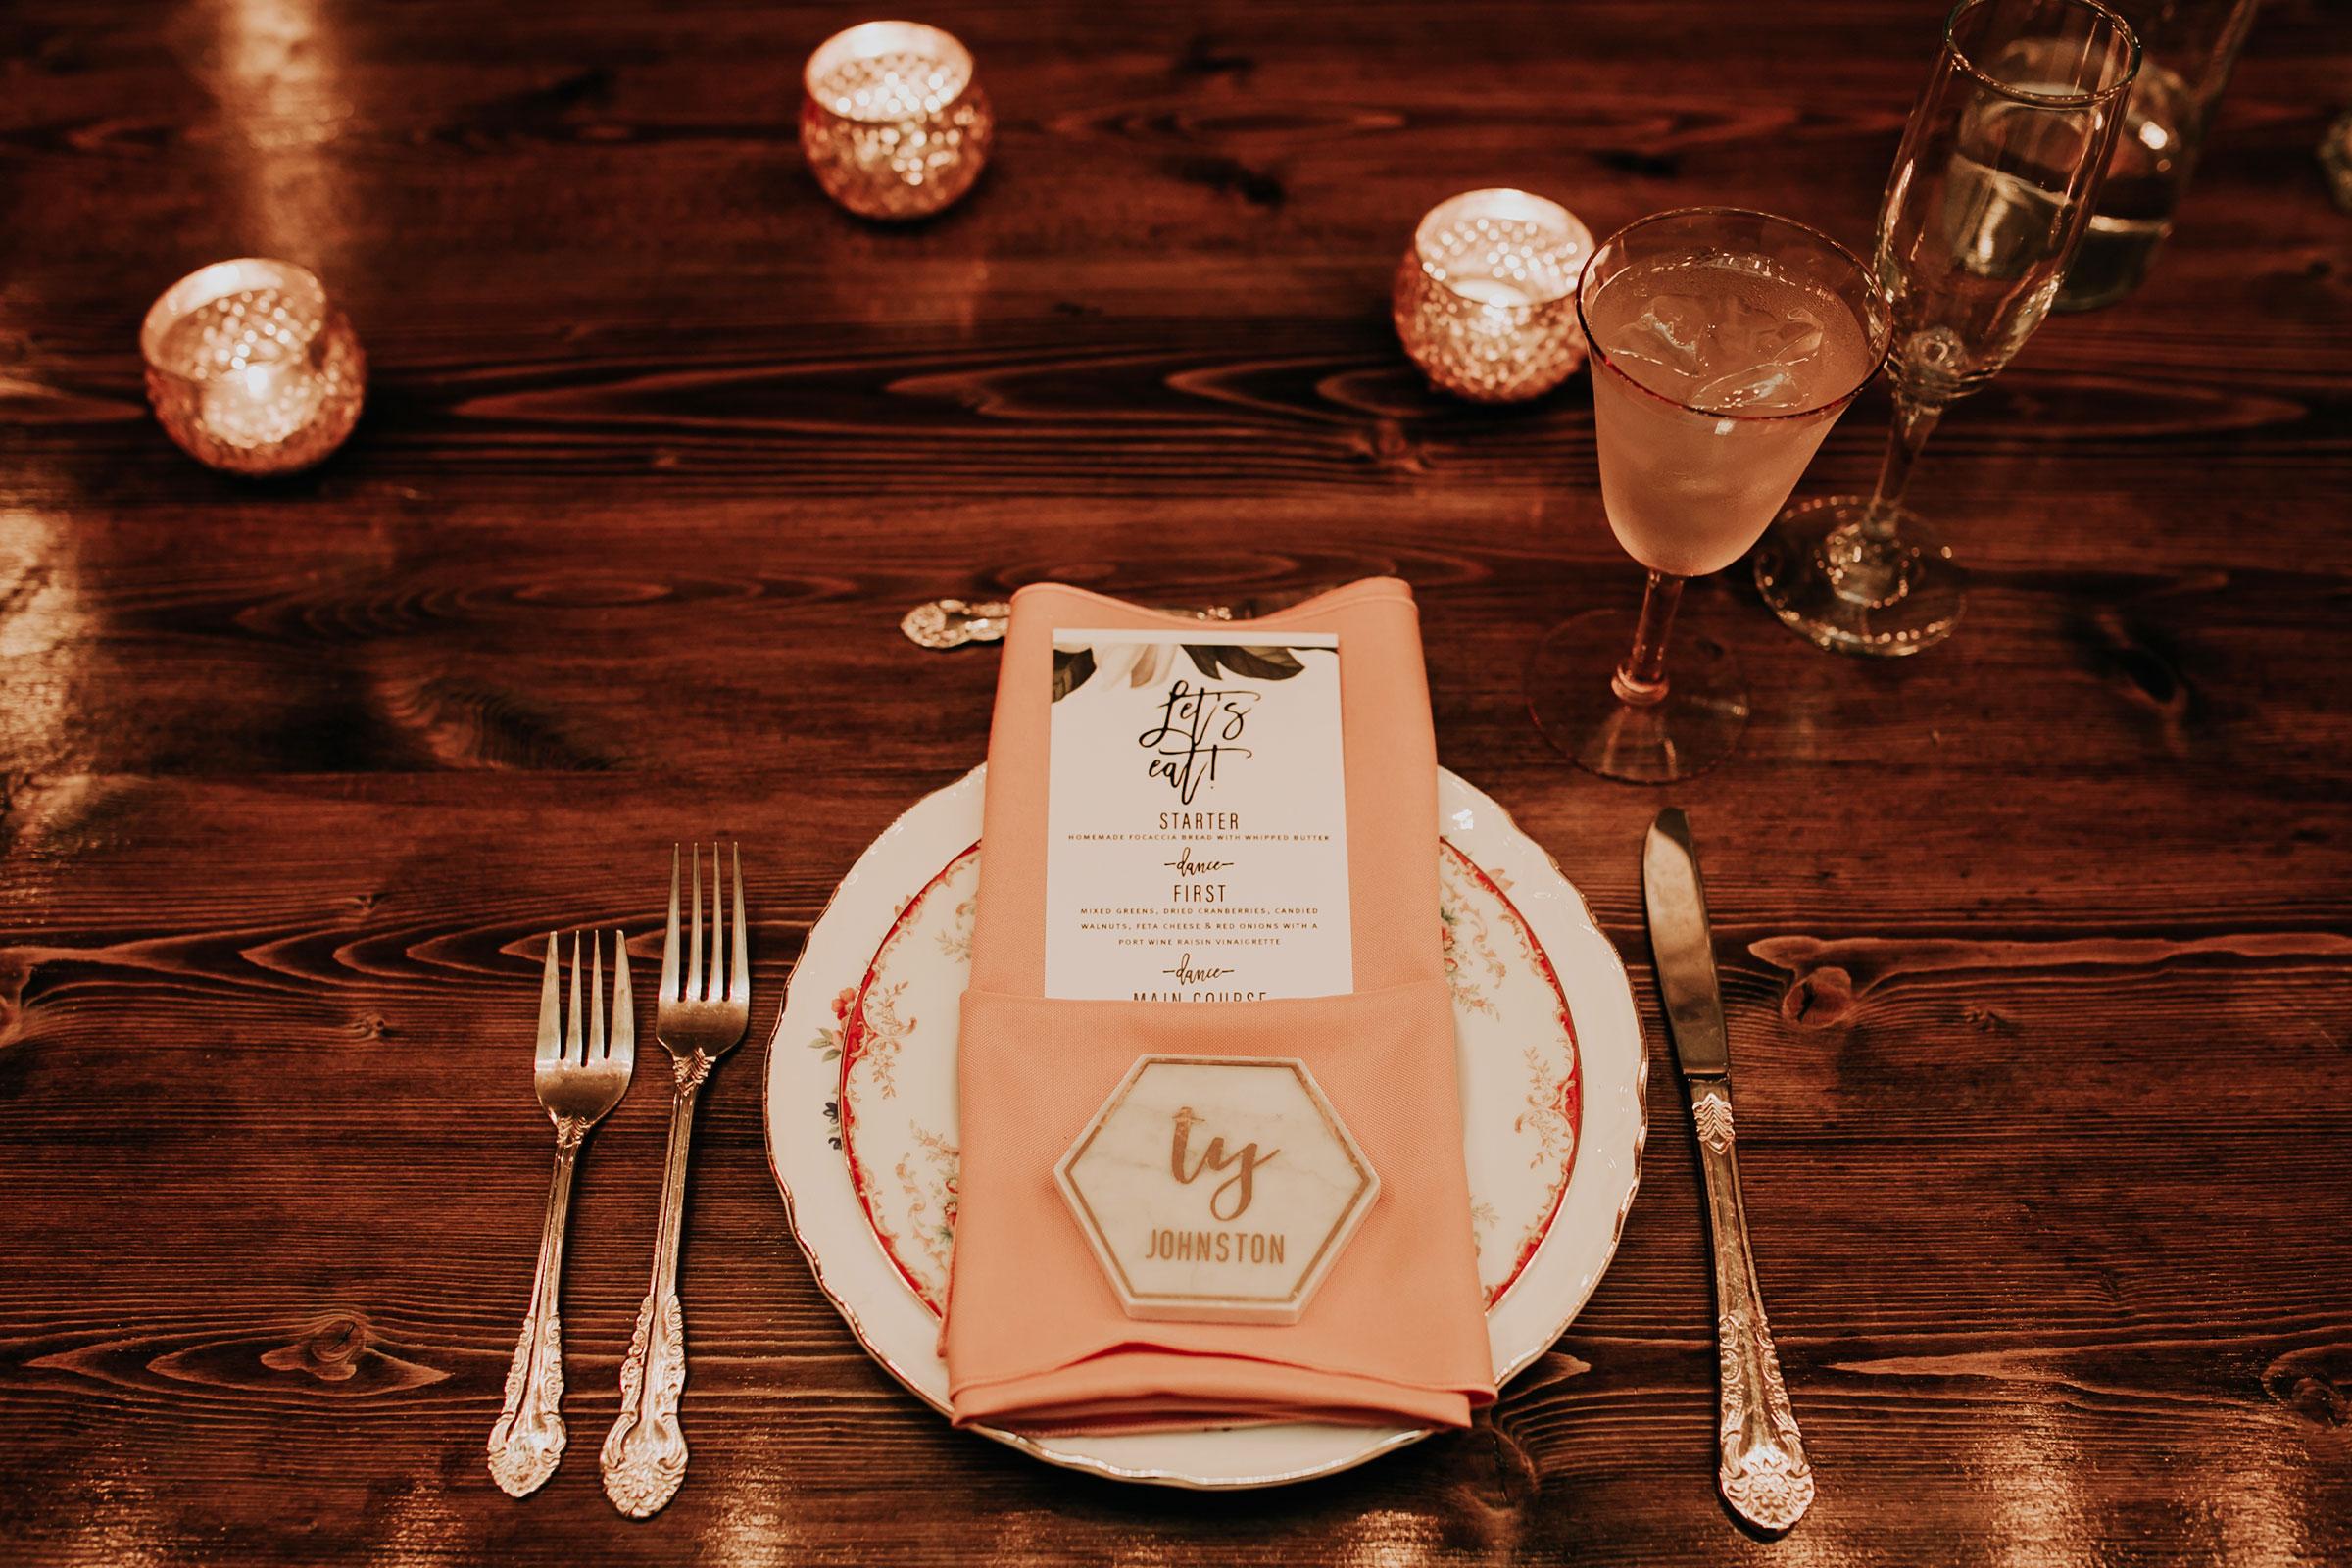 plate-setting-reception-head-table-founders-one-nine-omaha-nebraska-raelyn-ramey-photography.jpg